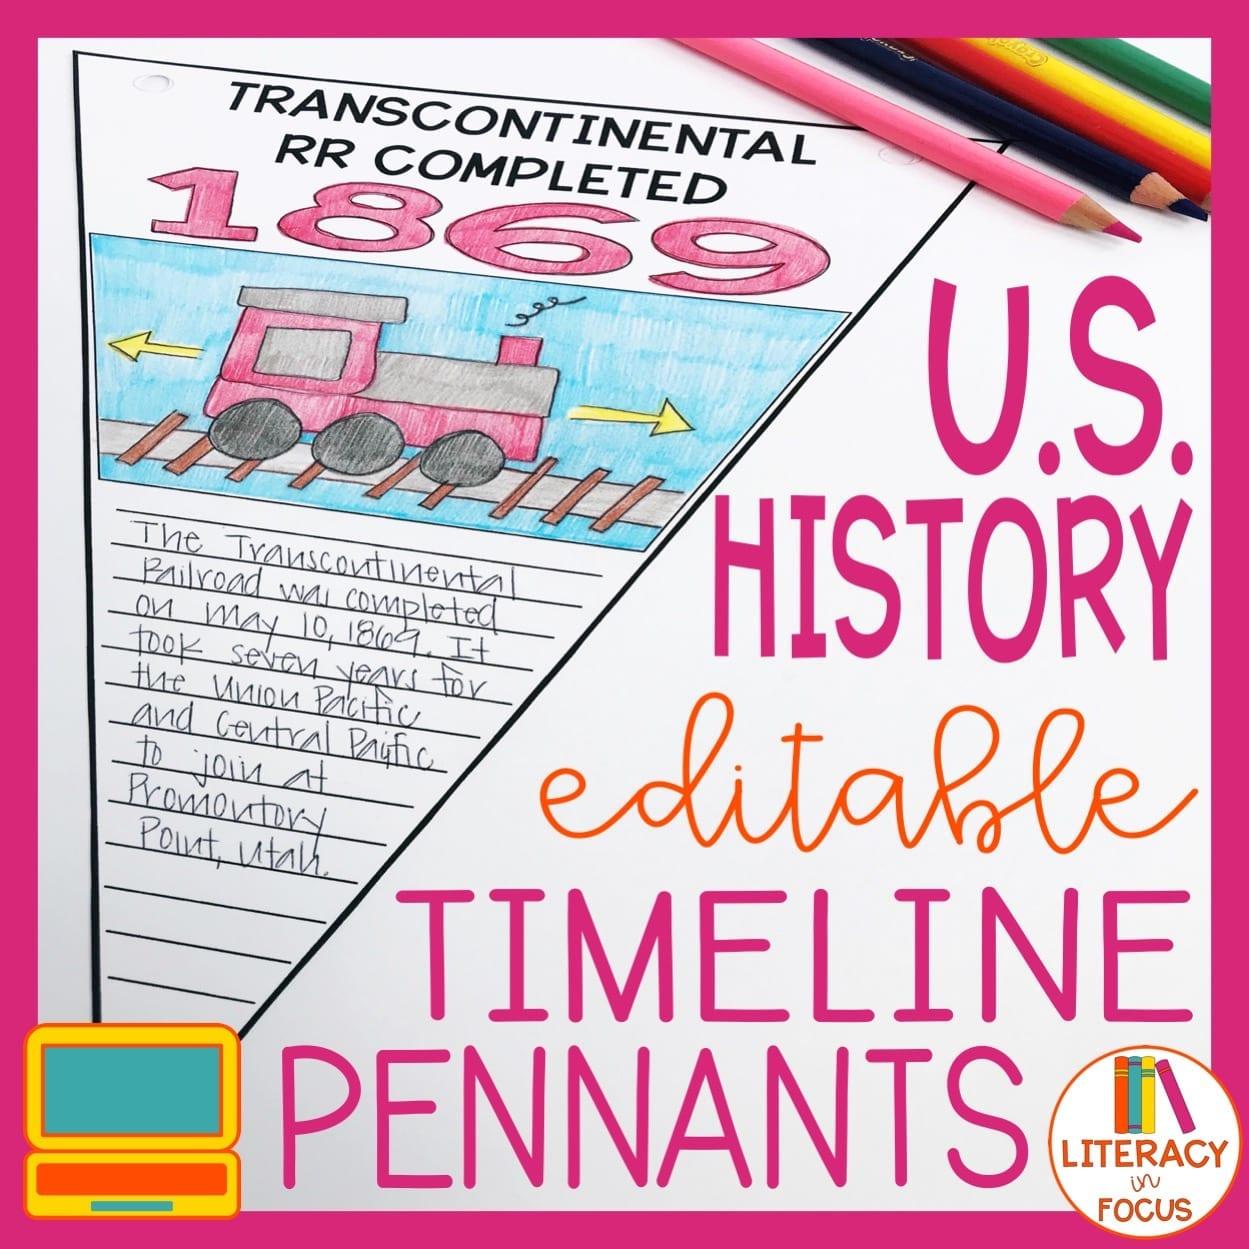 US History Timeline Pennants